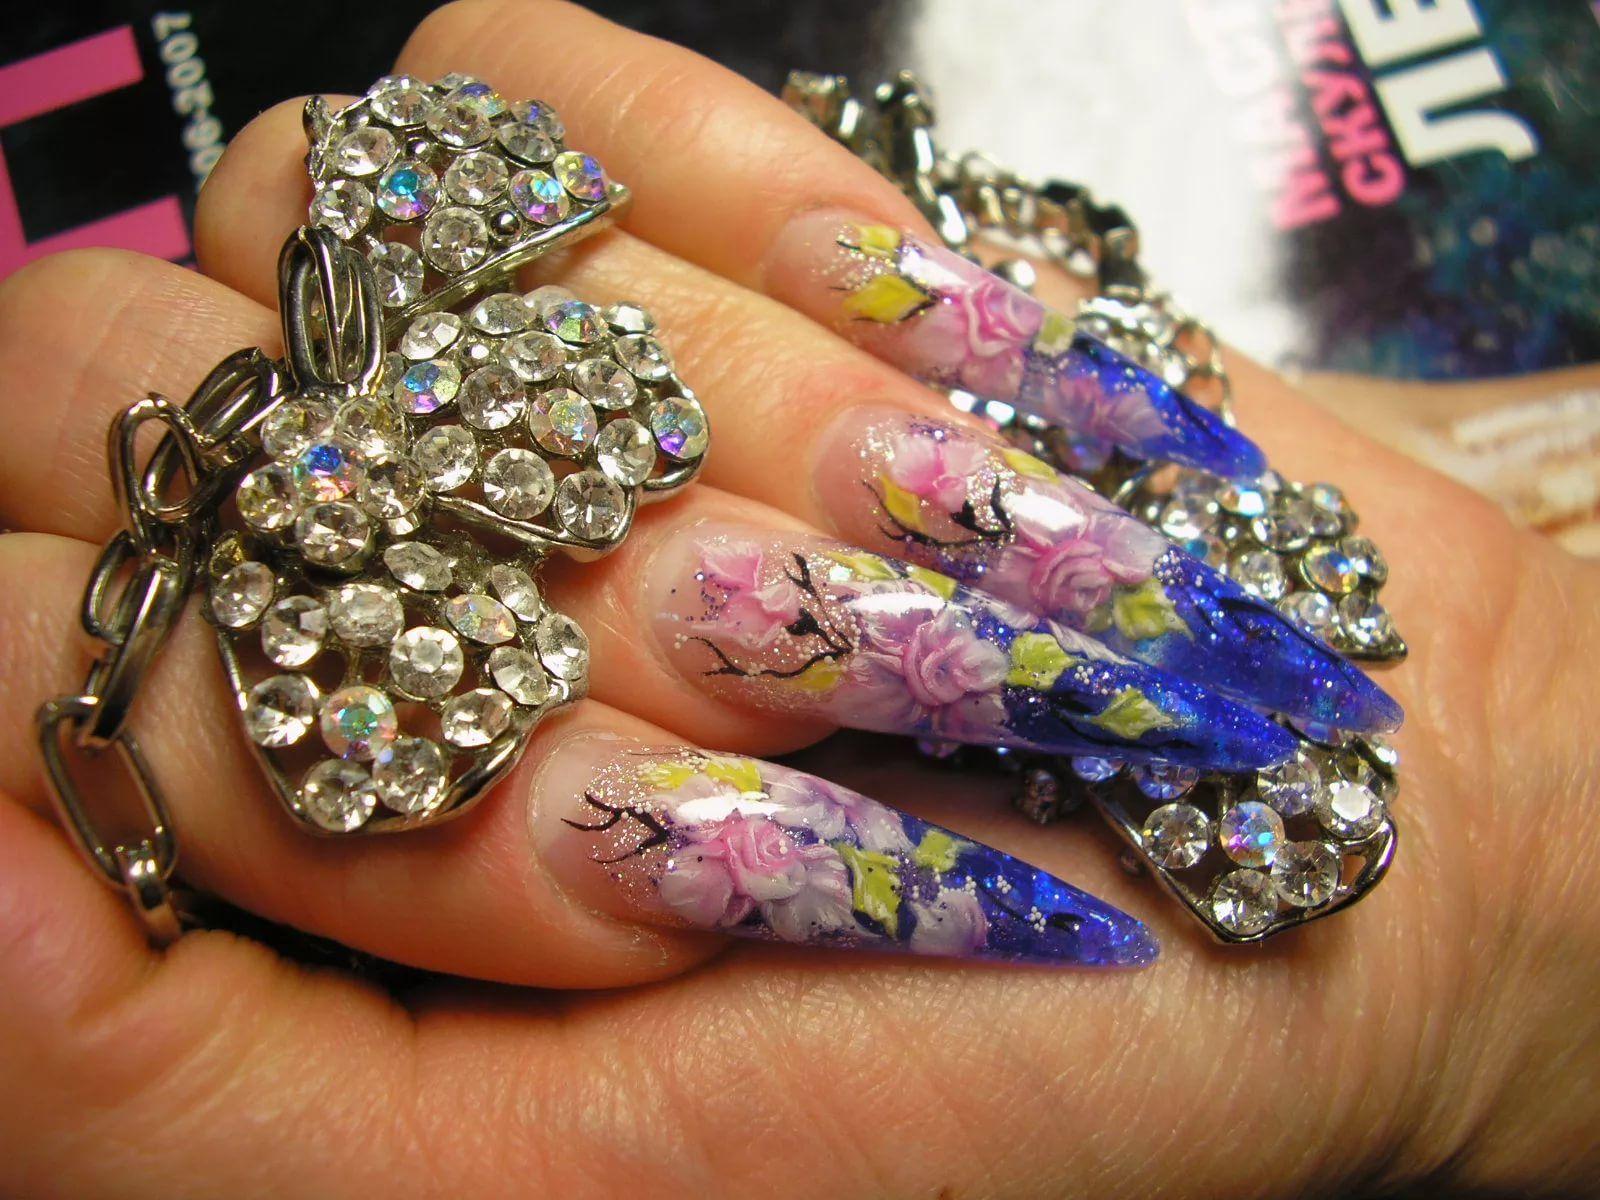 одежда калмыцких фото нарощенных ногтей красивых и ярких жизни для